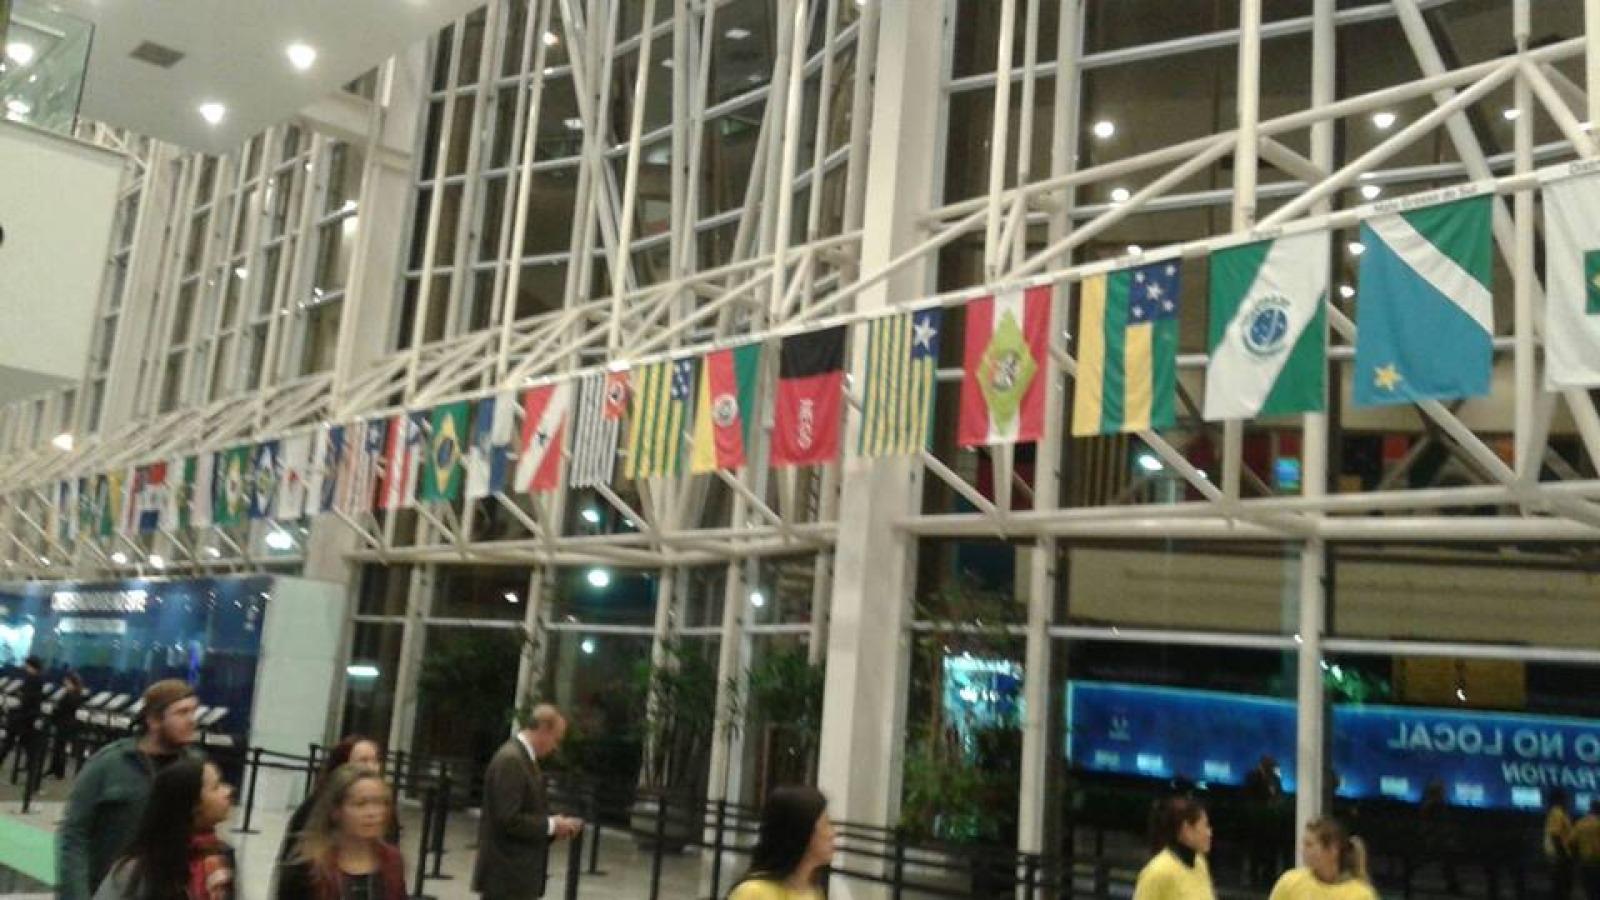 Feira Fórum Hospitalar - 23ª Feira Internacional de Produtos, Equipamentos, Serviços e Tecnologia para Hospitais